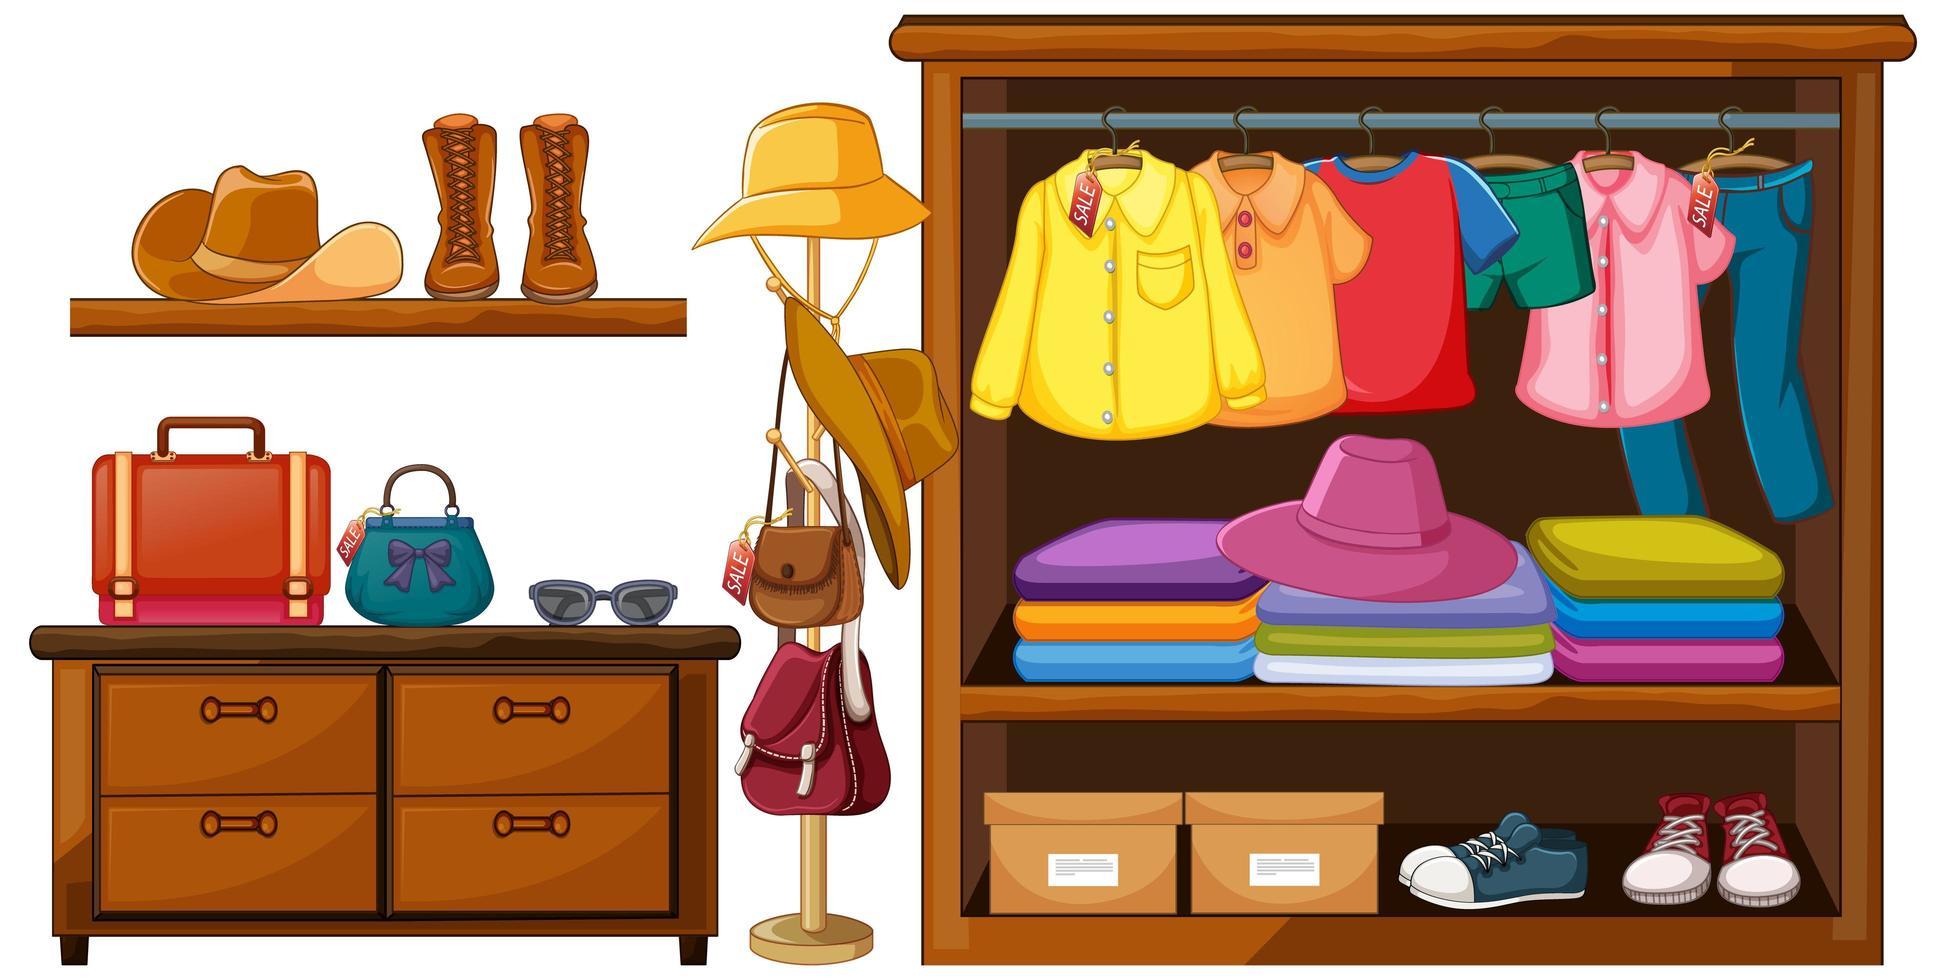 vêtements dans l'armoire vecteur